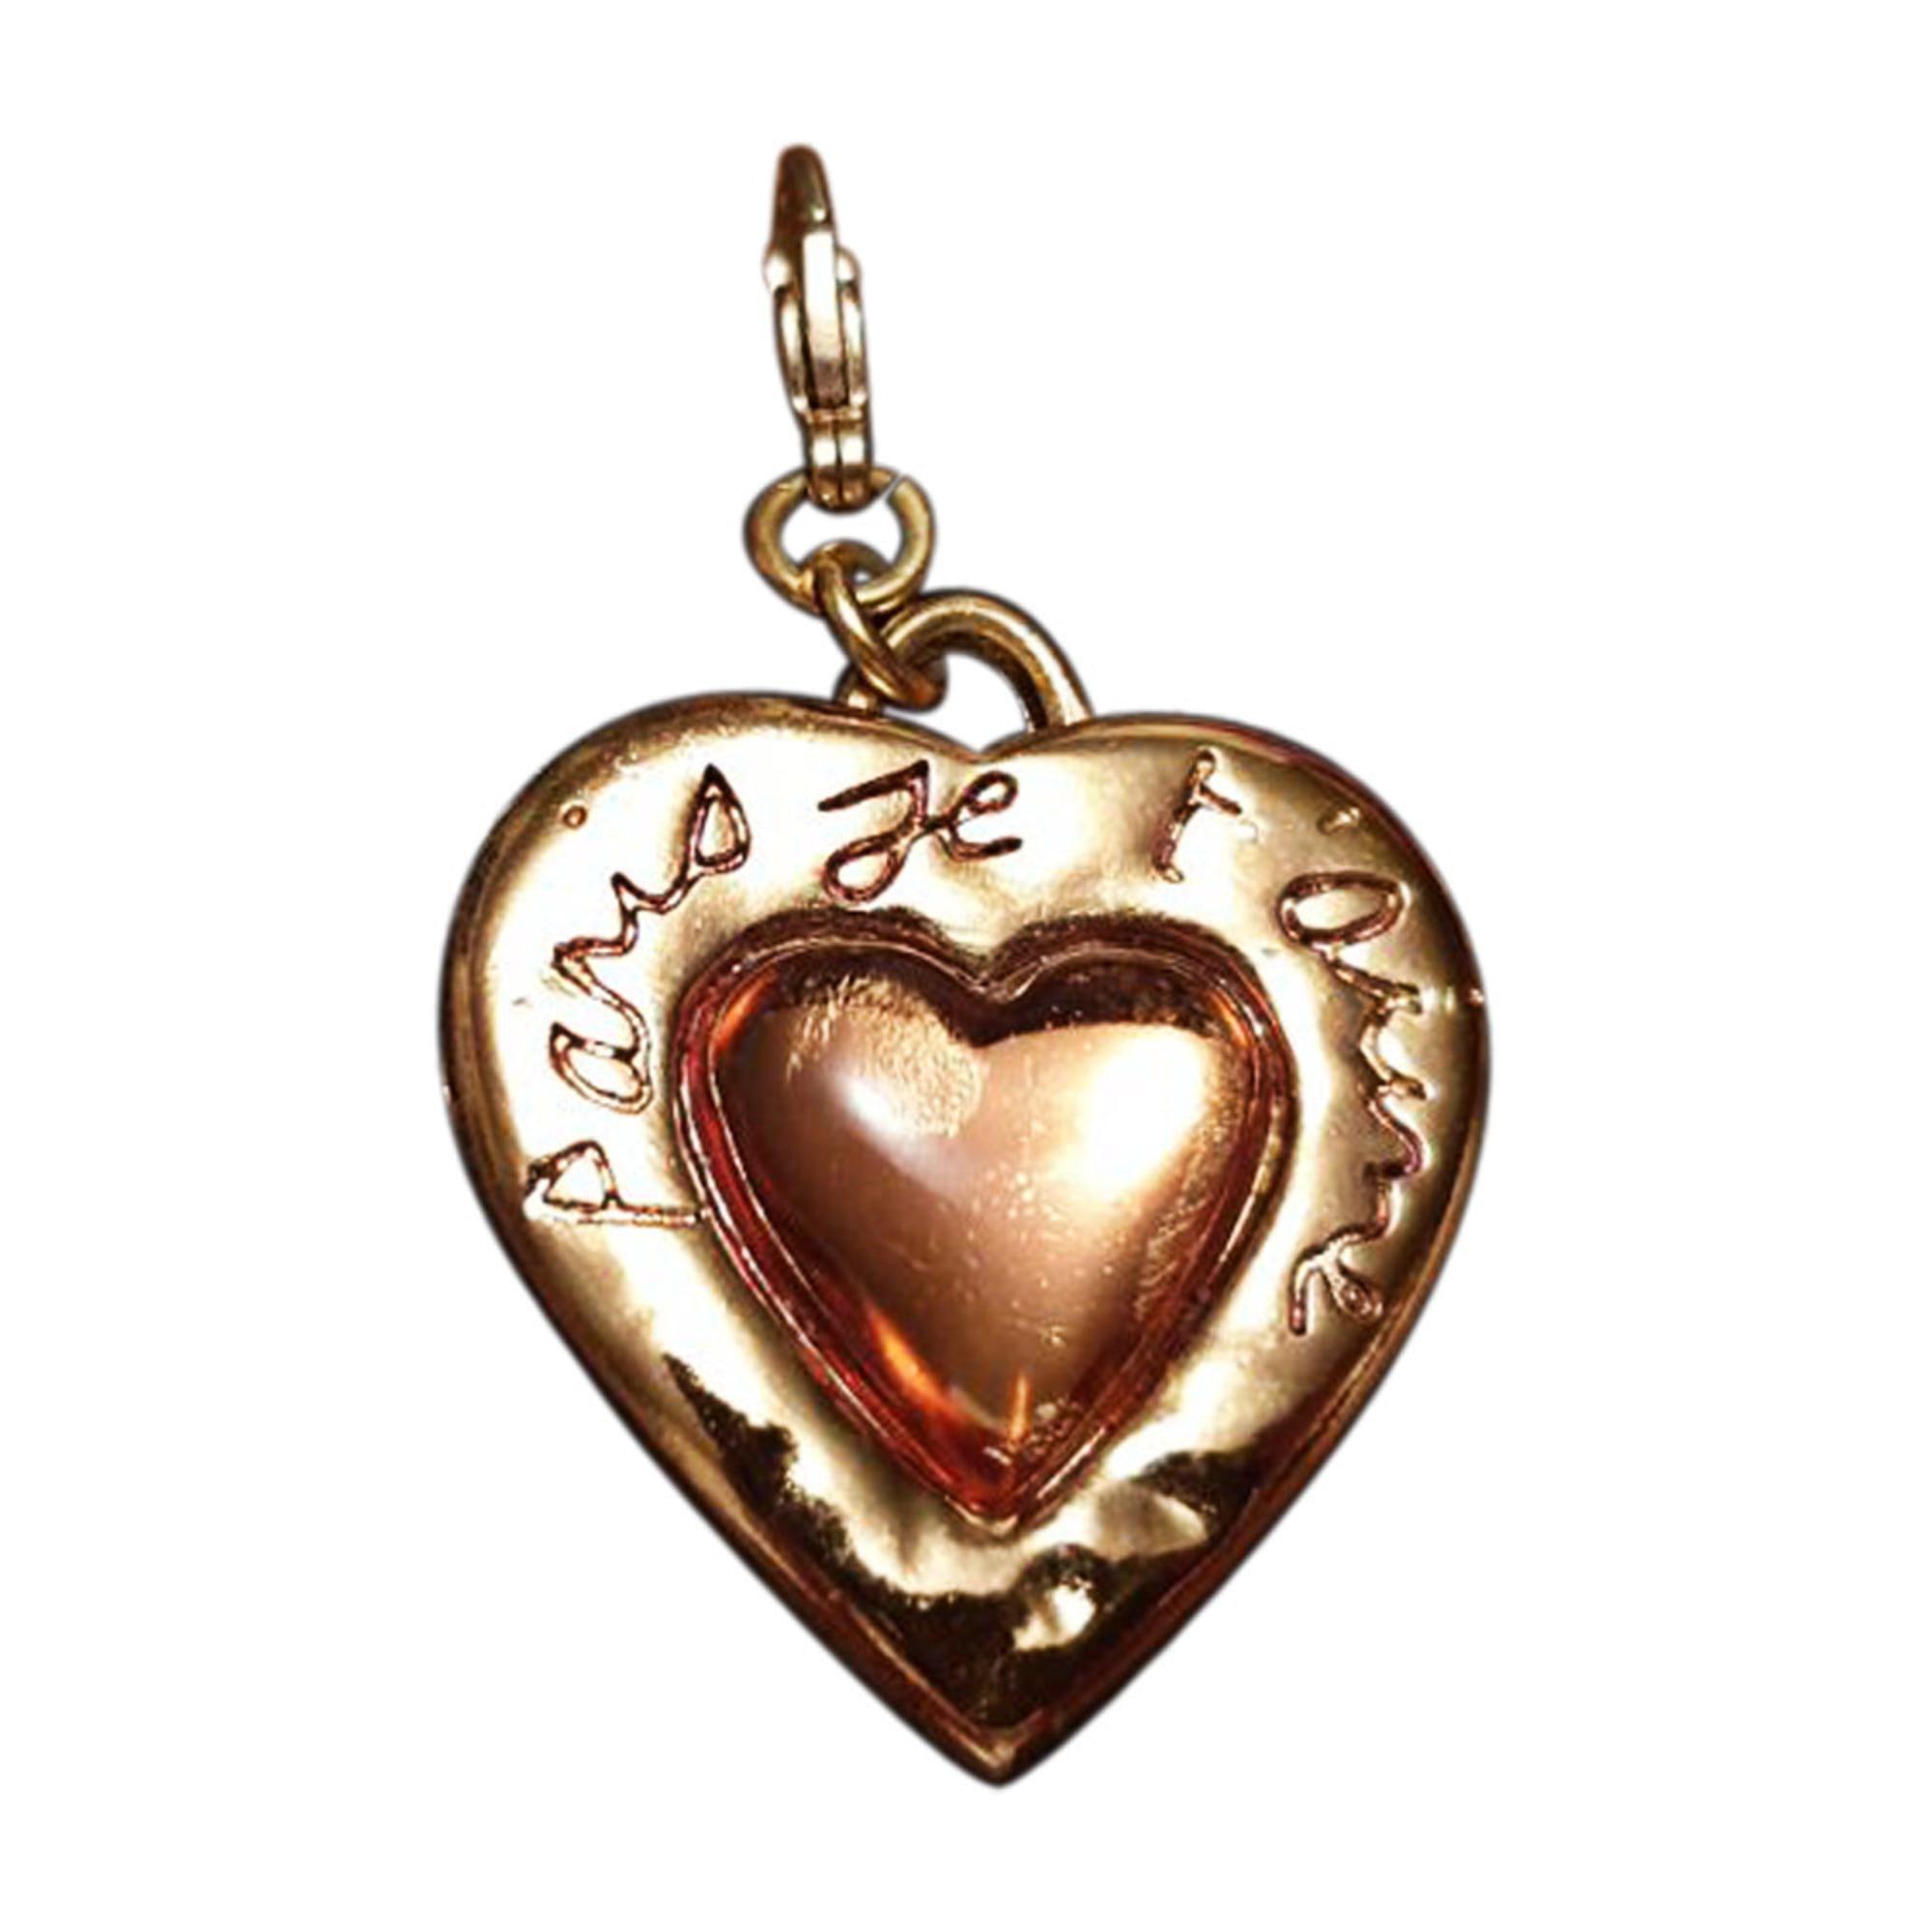 Anhänger, Halsketten mit Anhänger YVES SAINT LAURENT Gold, Bronze, Kupfer